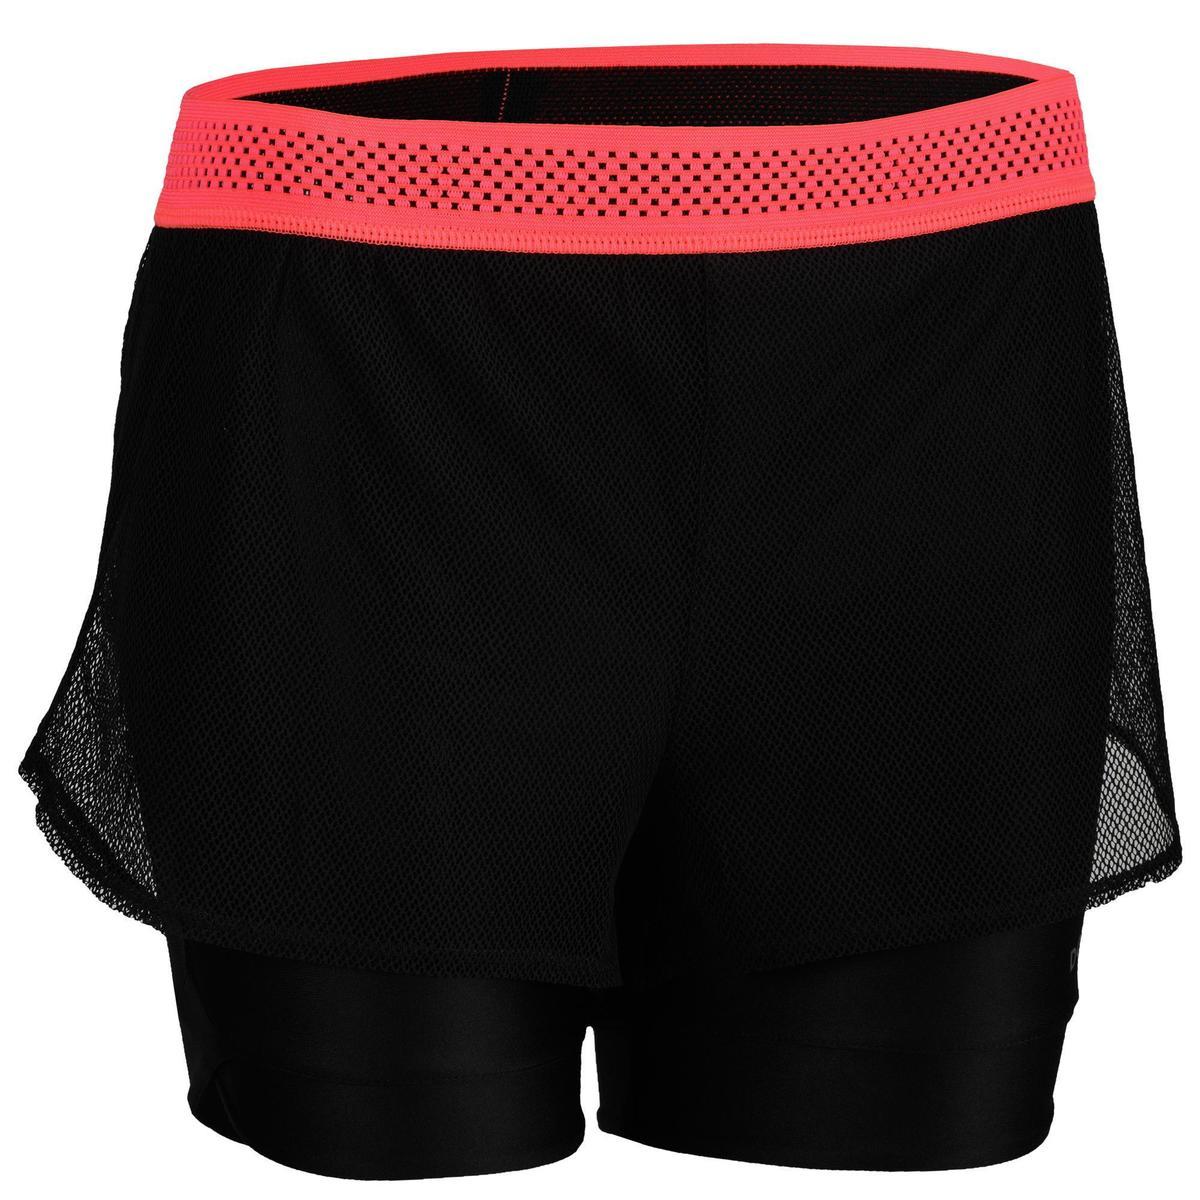 Bild 1 von Sporthose kurz FST 520 Fitness/Ausdauertraining Damen schwarz